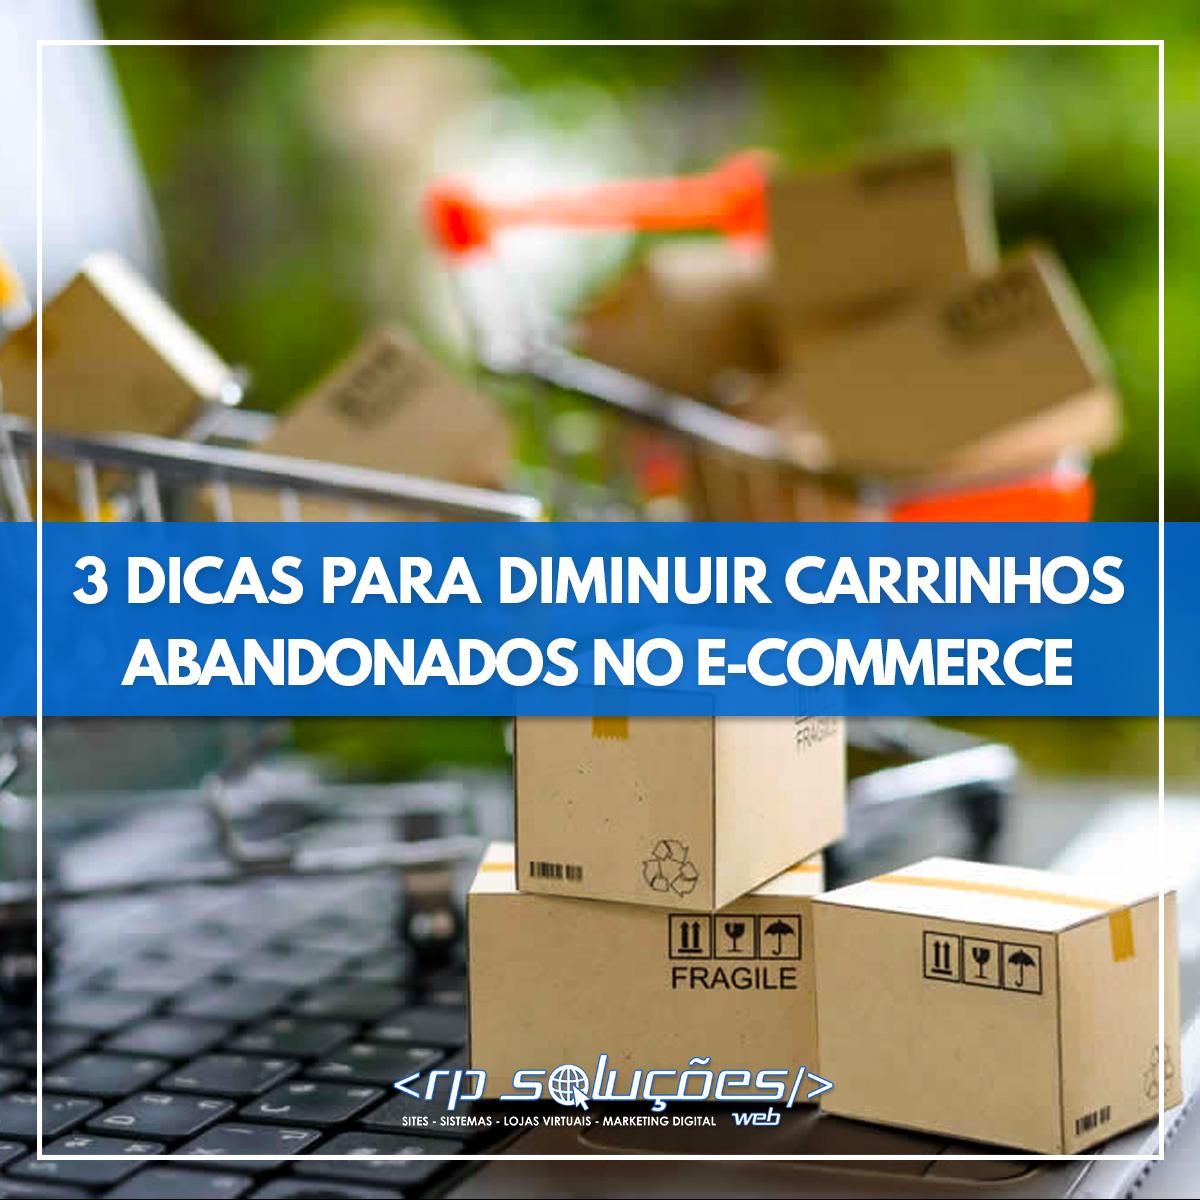 E-COMMERCE: 3 DICAS PARA DIMINUIR OS CARRINHOS ABANDONADOS